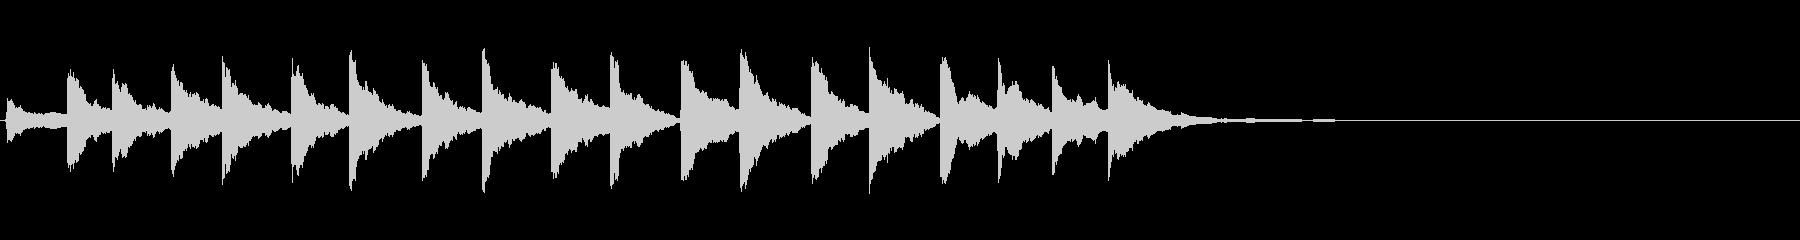 1880年代のジュピター119:ベ...の未再生の波形